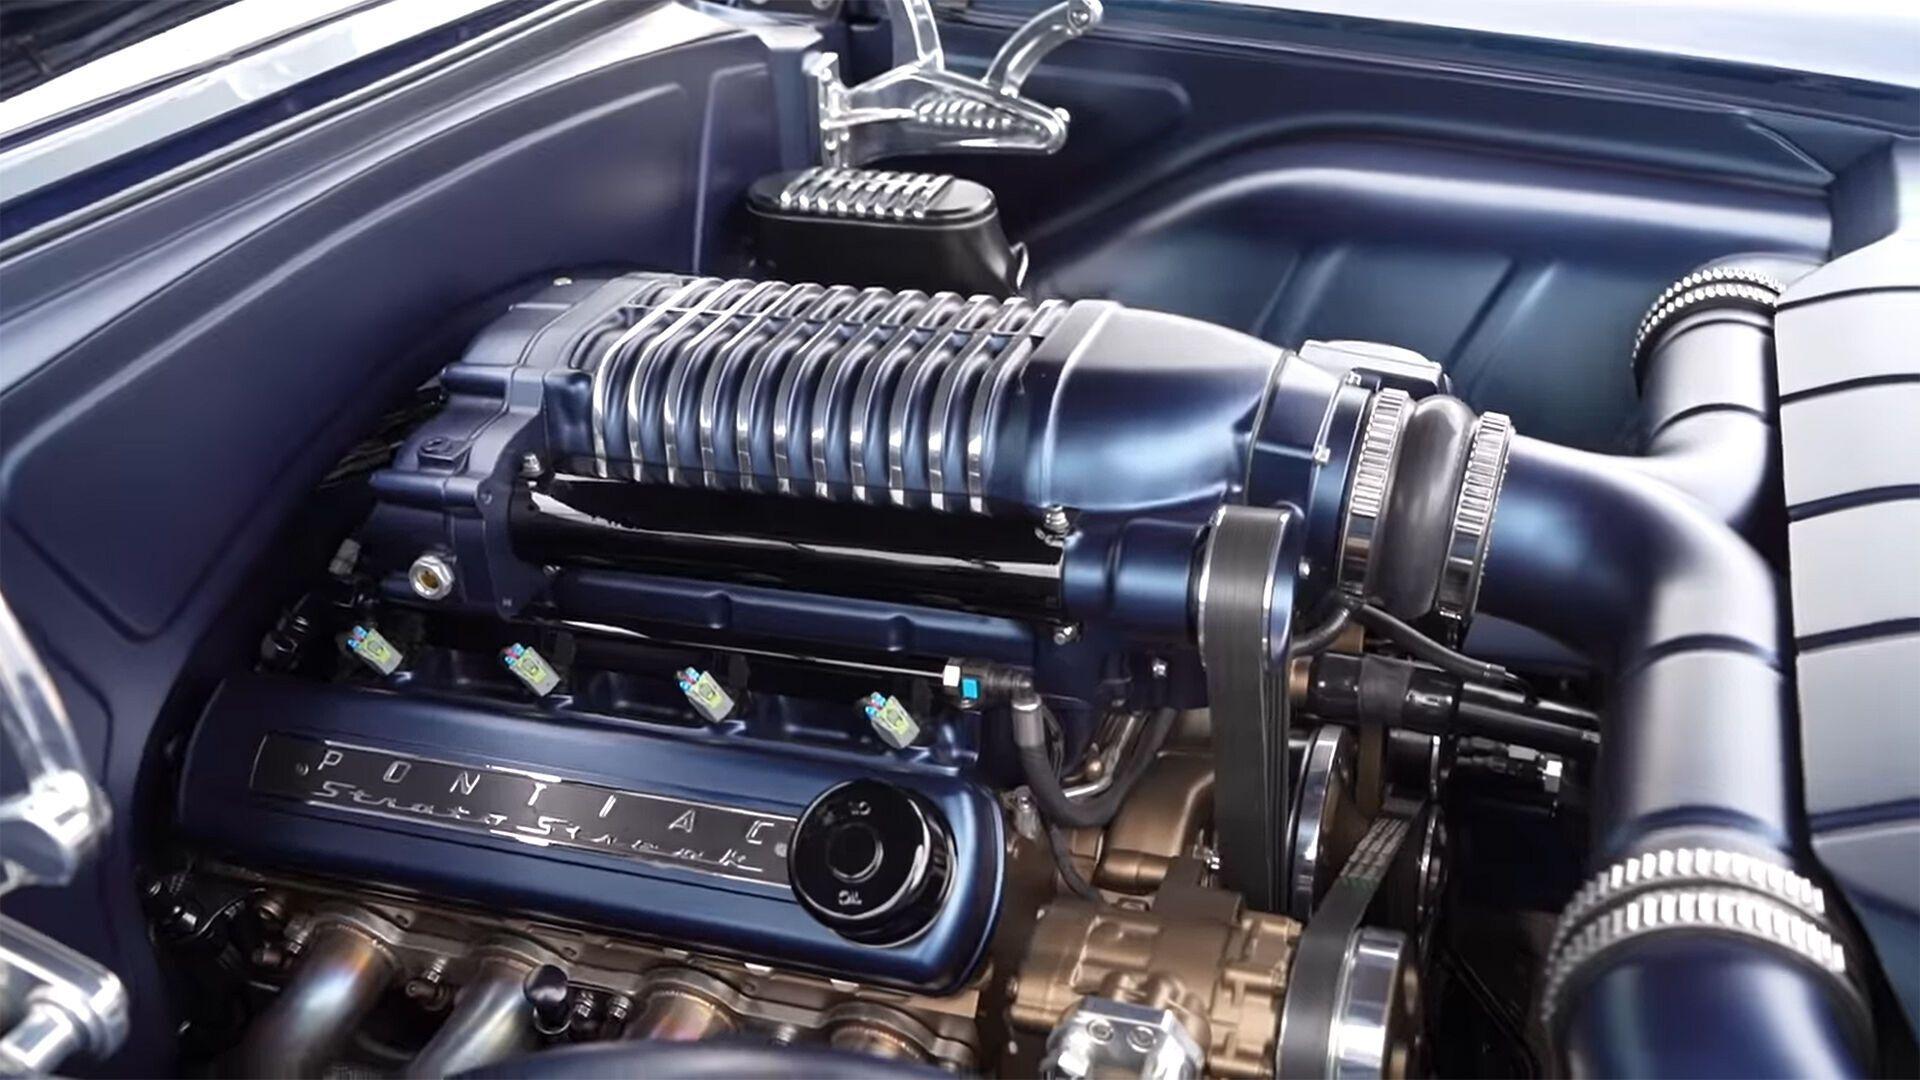 Автомобиль приводится в движение двигателем LSX V8 мощностью 912 л.с.